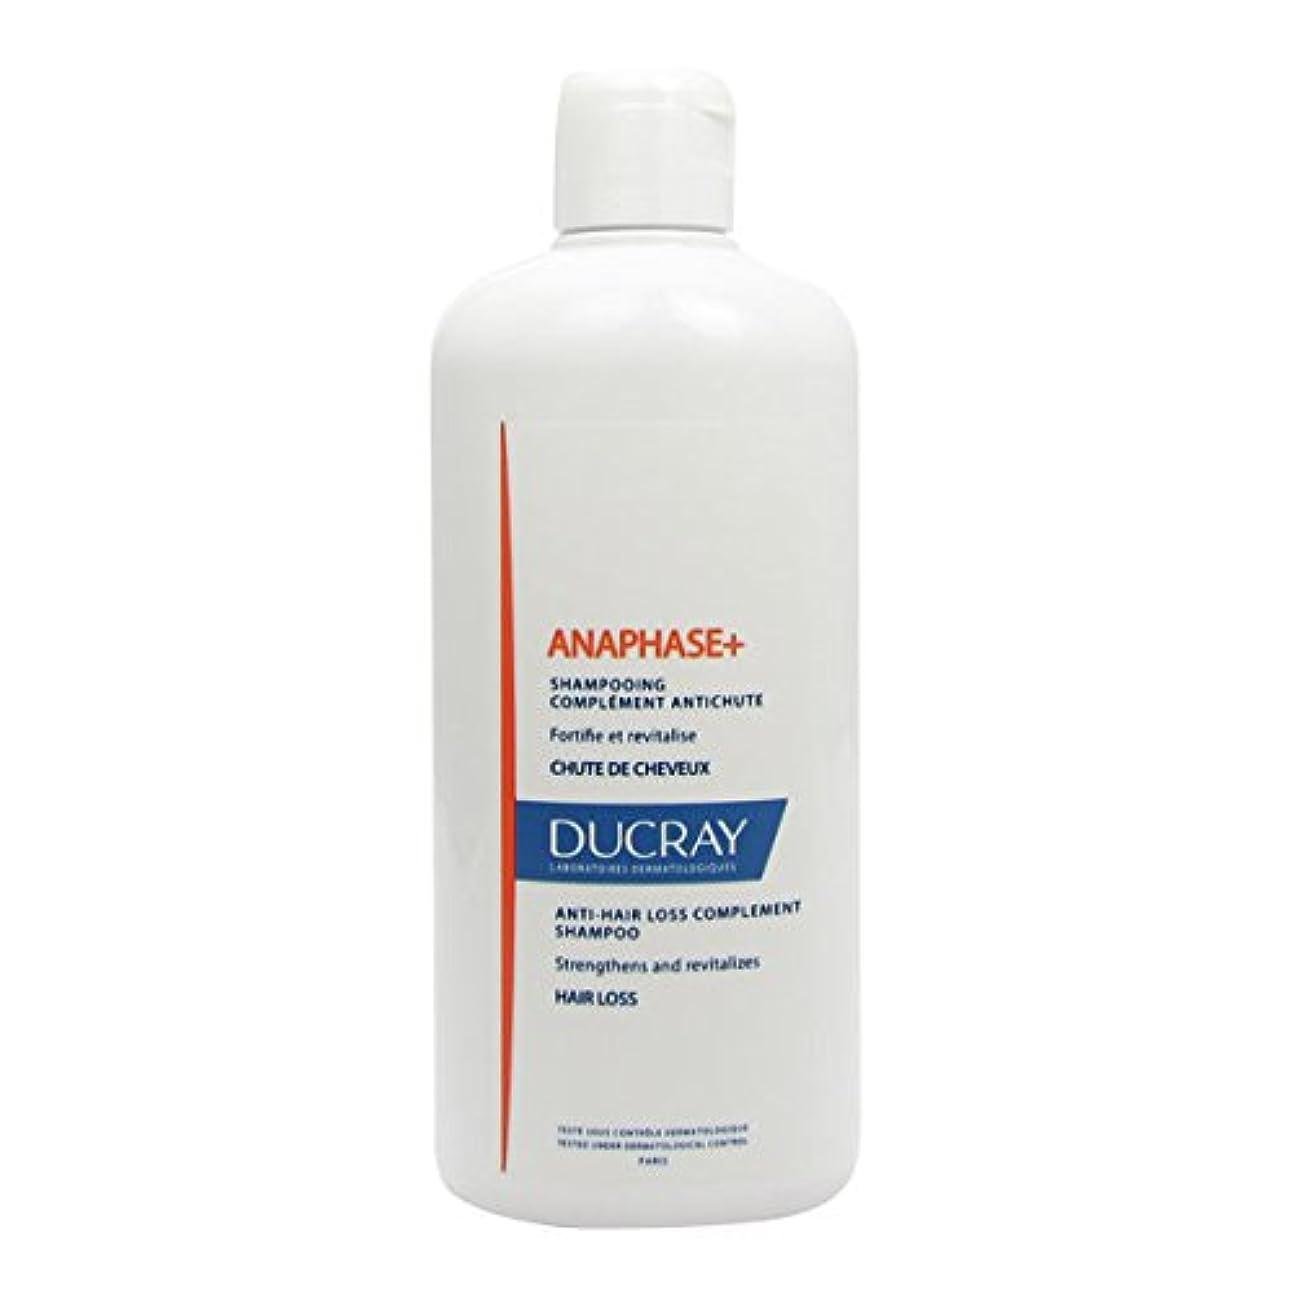 役割粘り強い建てるDucray Anaphase Shampoo 400ml [並行輸入品]